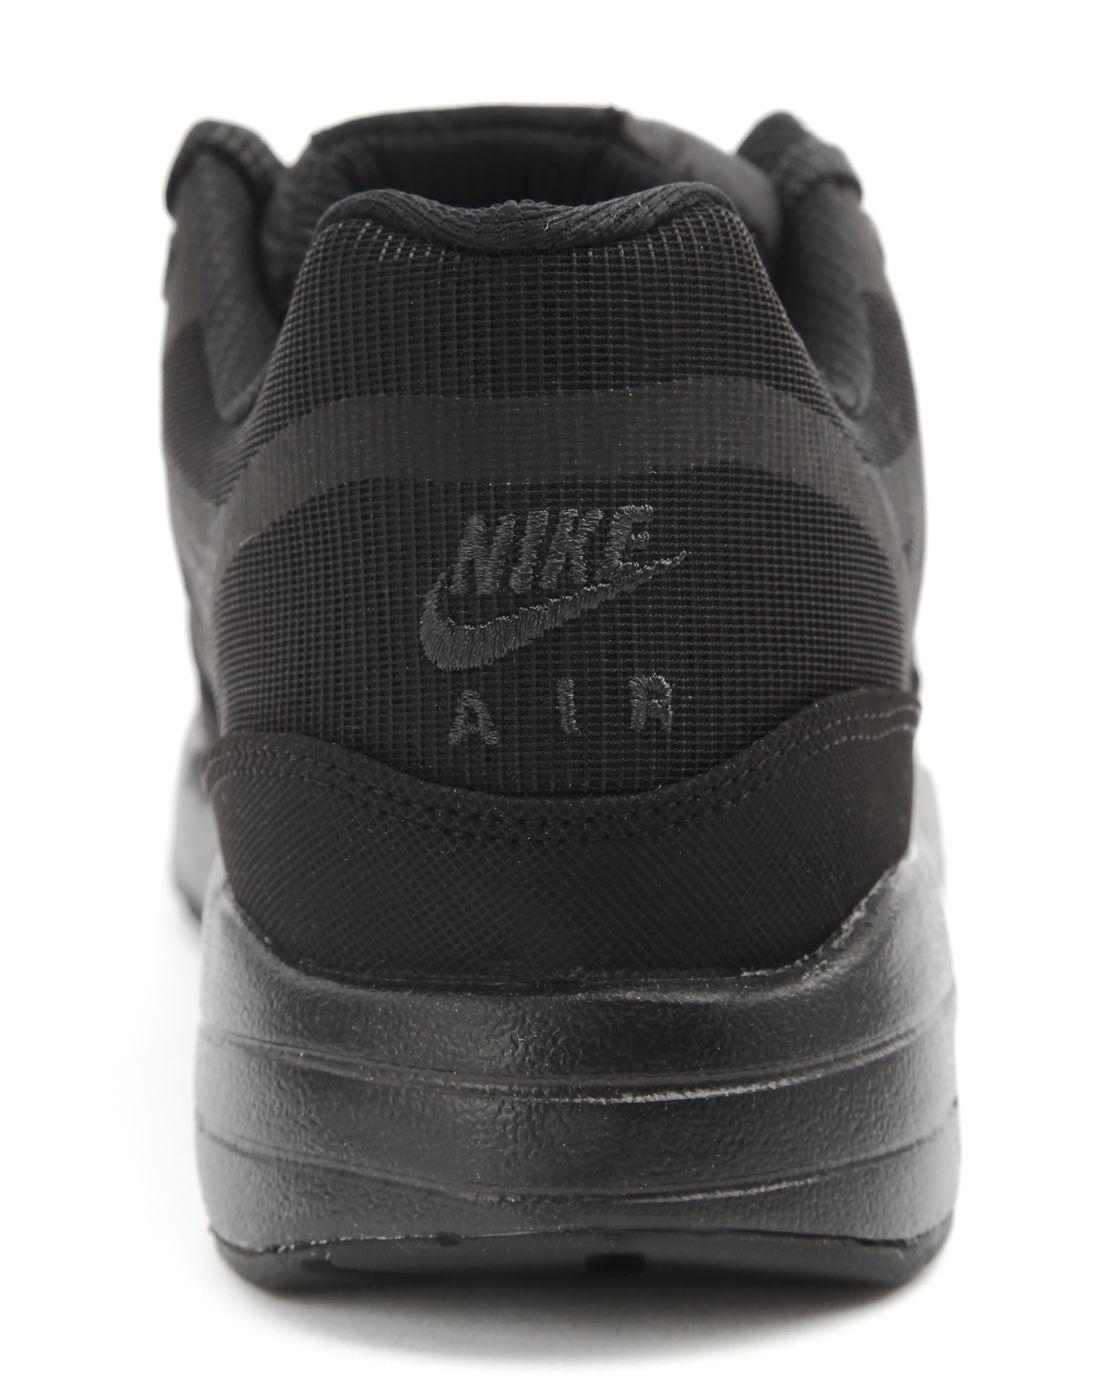 Nike Air Max 95 Black Mono